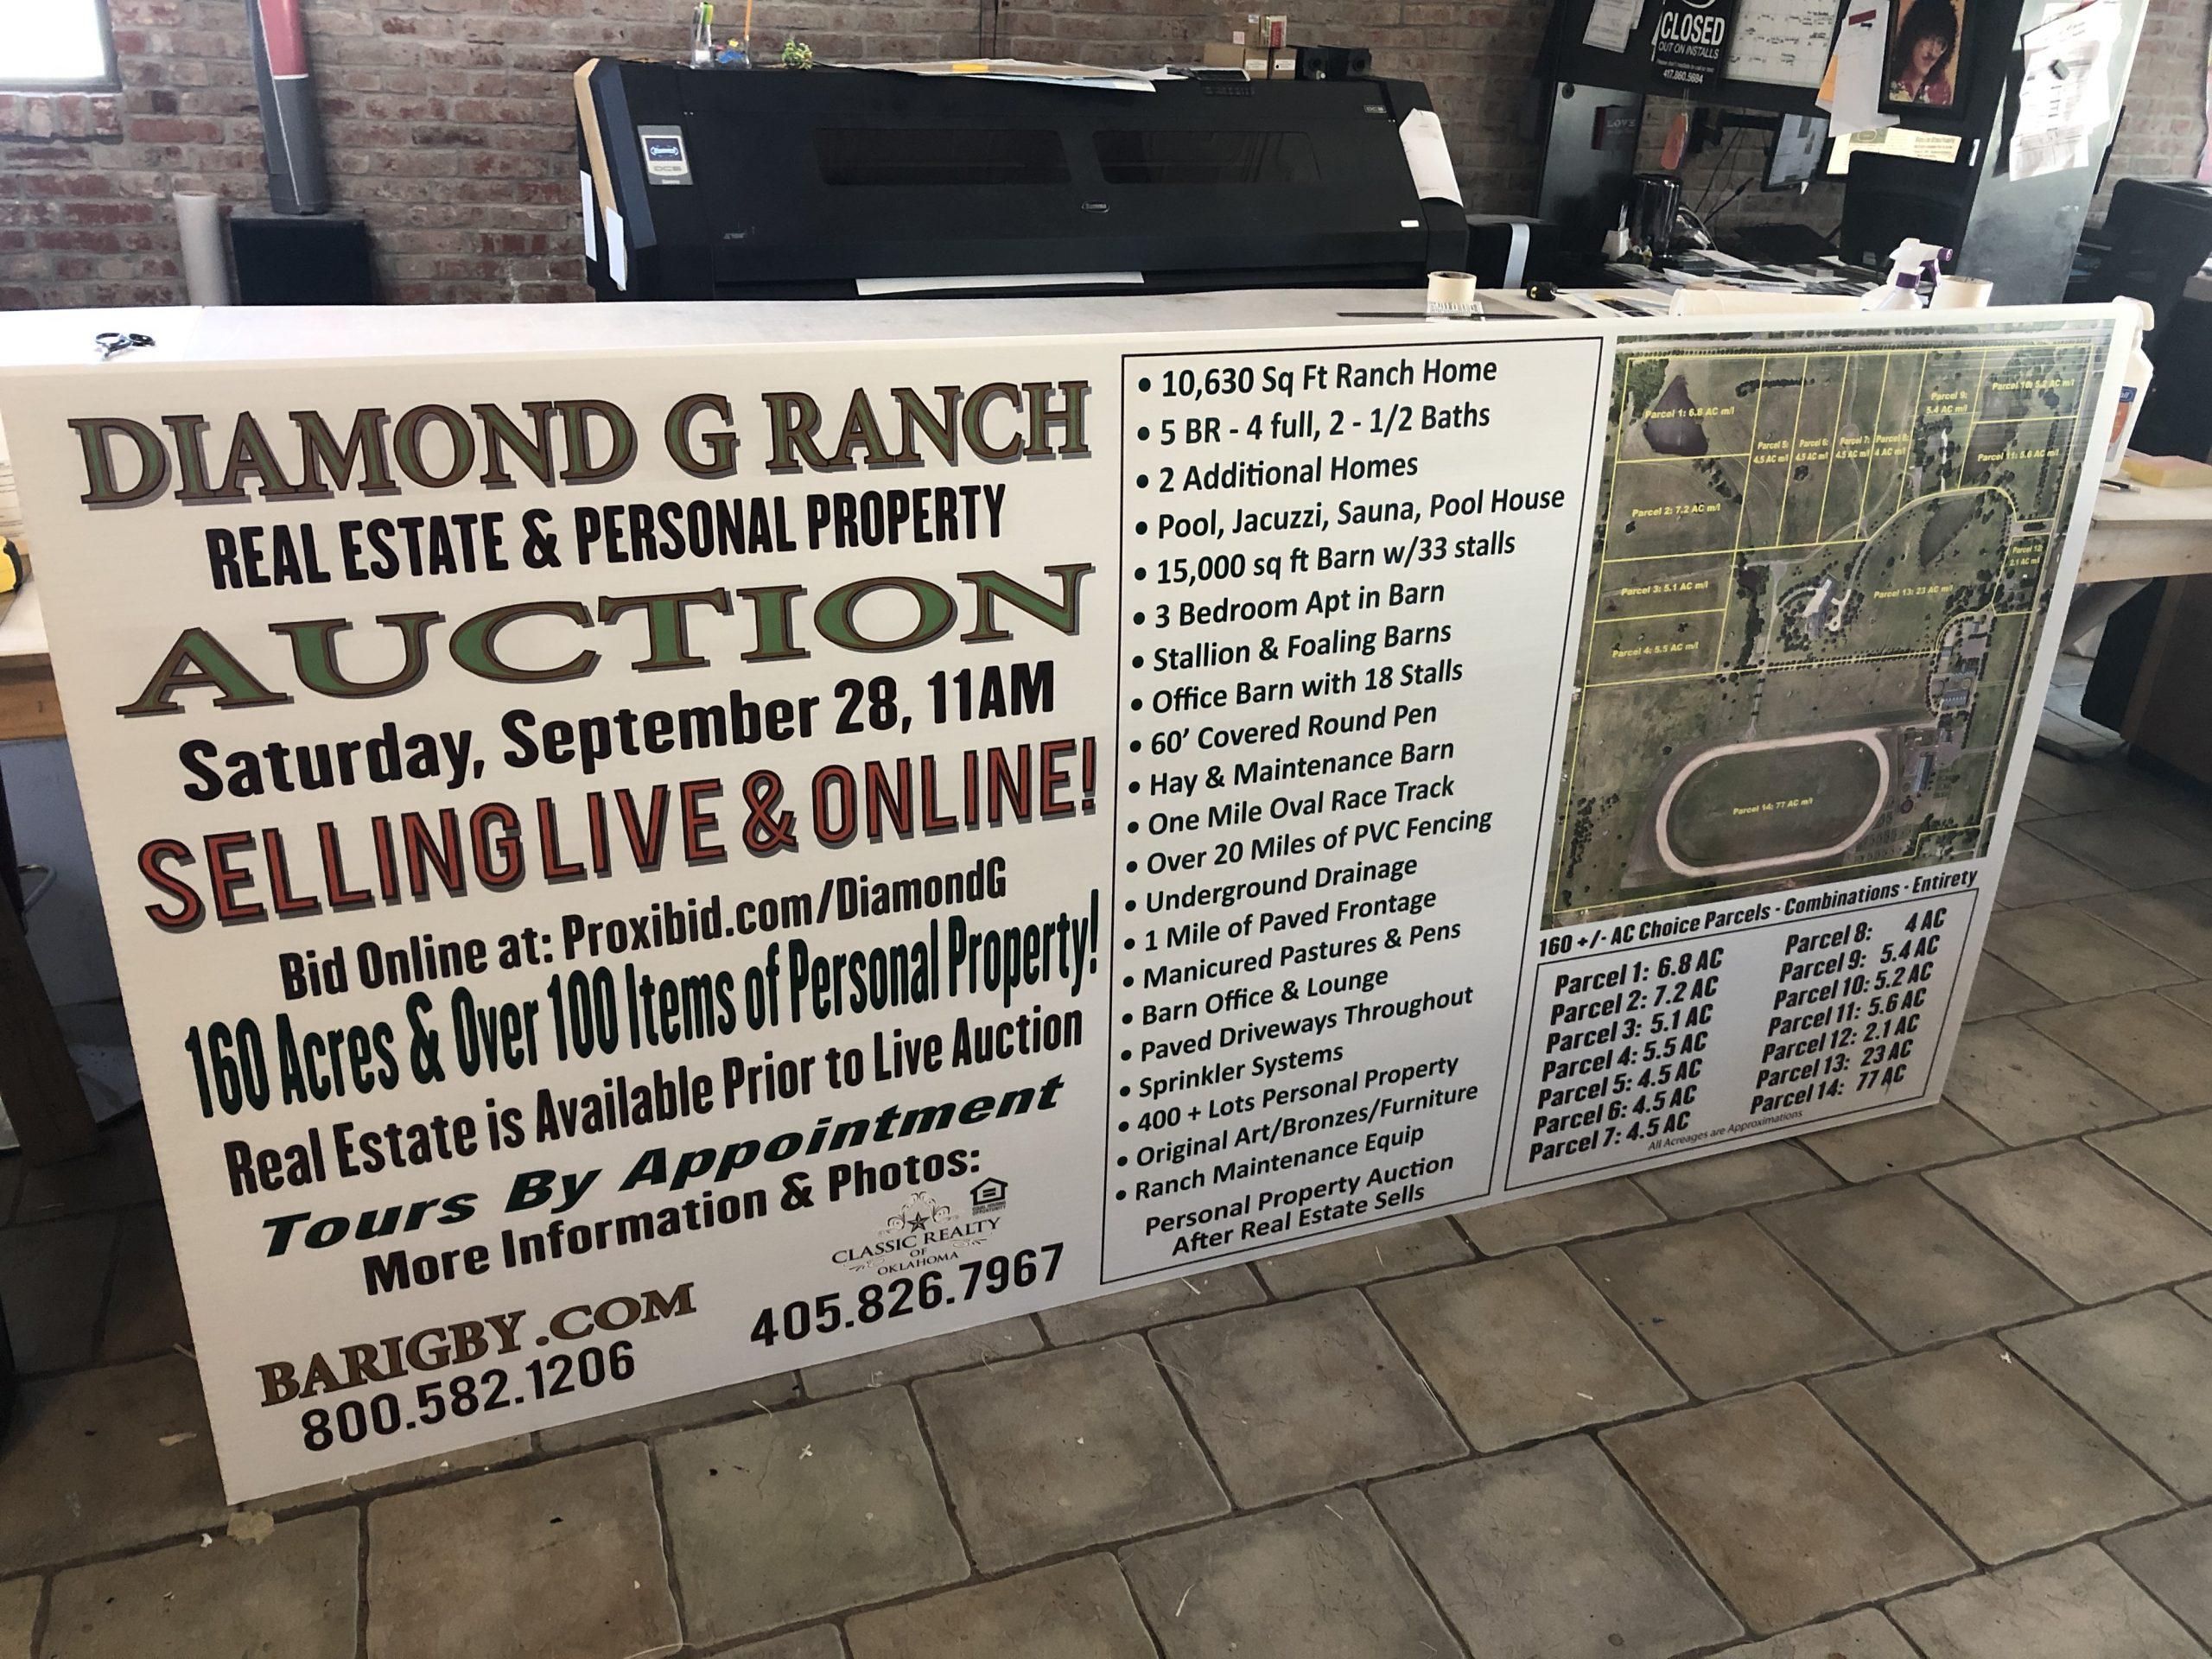 Diamond G Ranch Auction